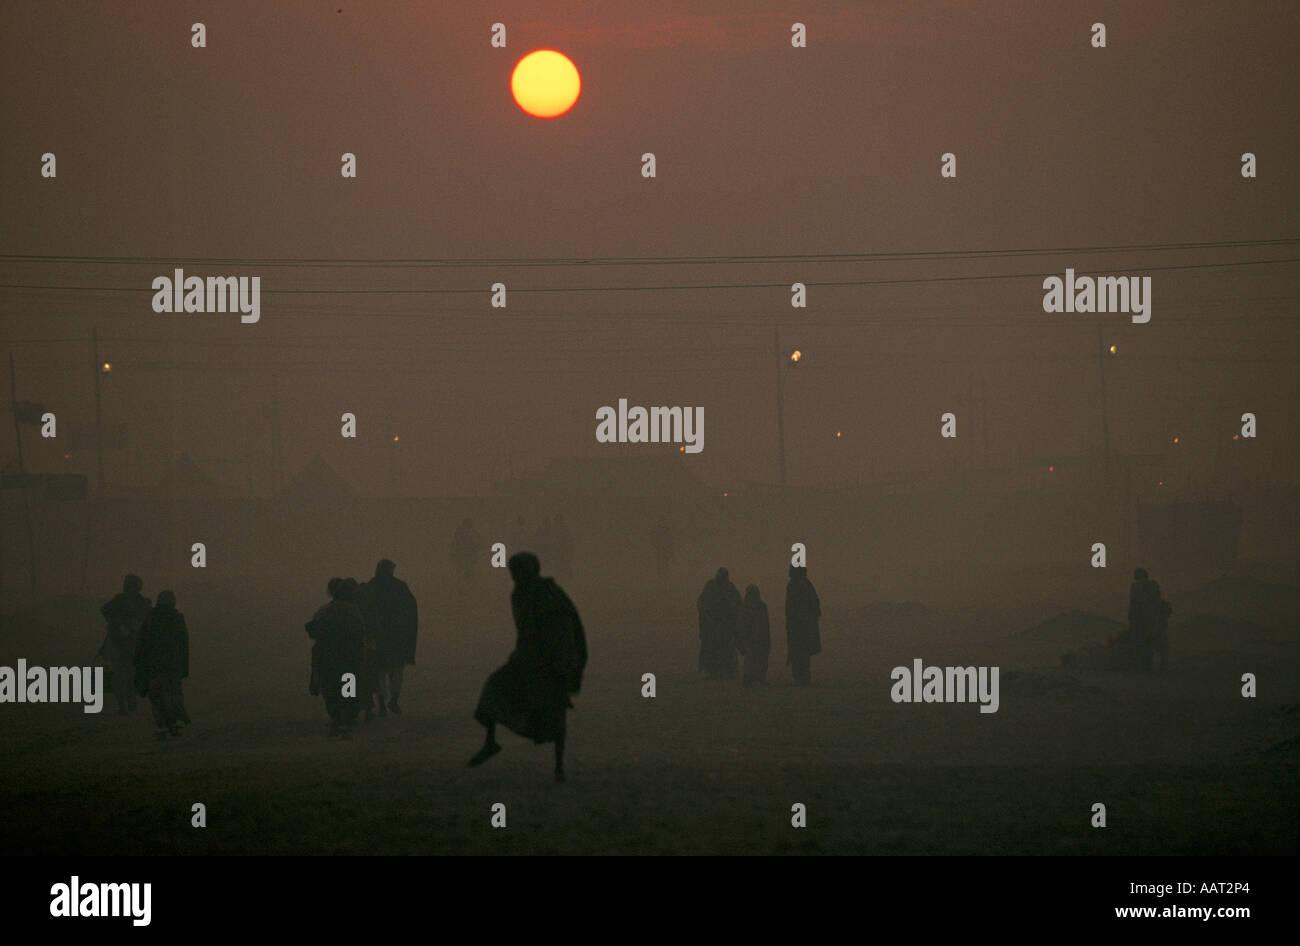 KUMBH MELA INDIA 2001 come il sole tramonta il fumo di fuochi di legno crea una spessa smog pellegrini tornare nei loro campi 2001 Foto Stock